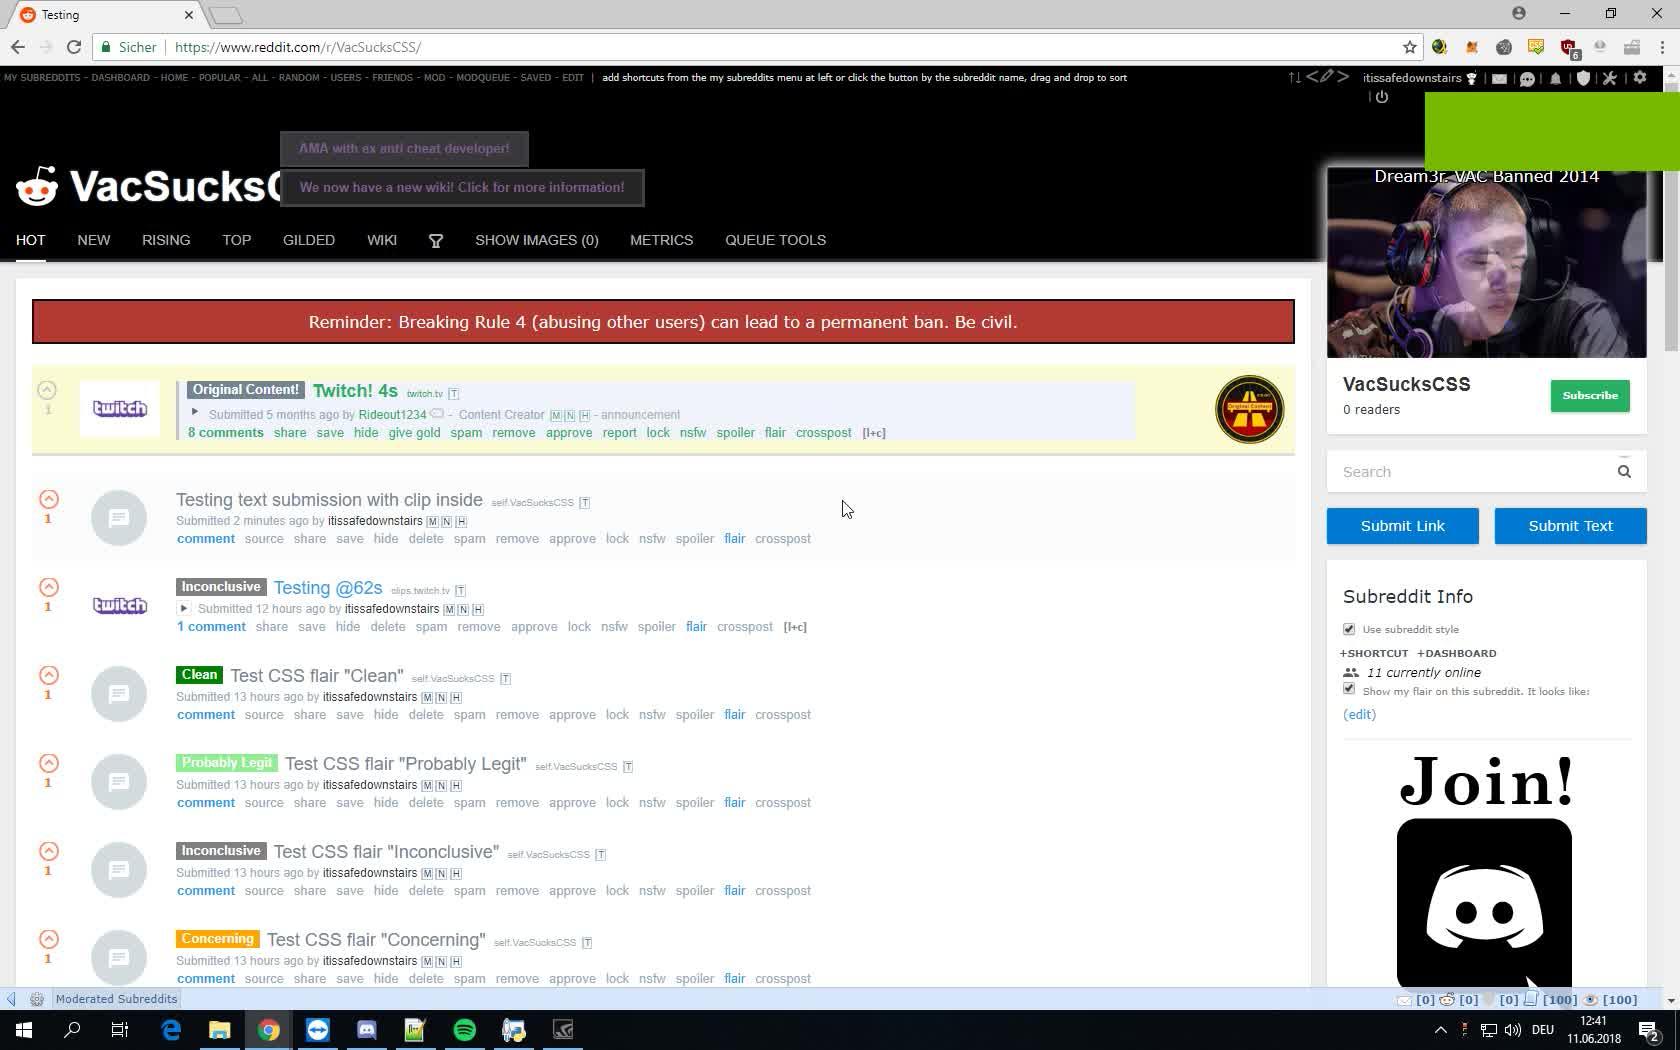 Desktop 2018.06.11 - 12.41.57.12 GIFs